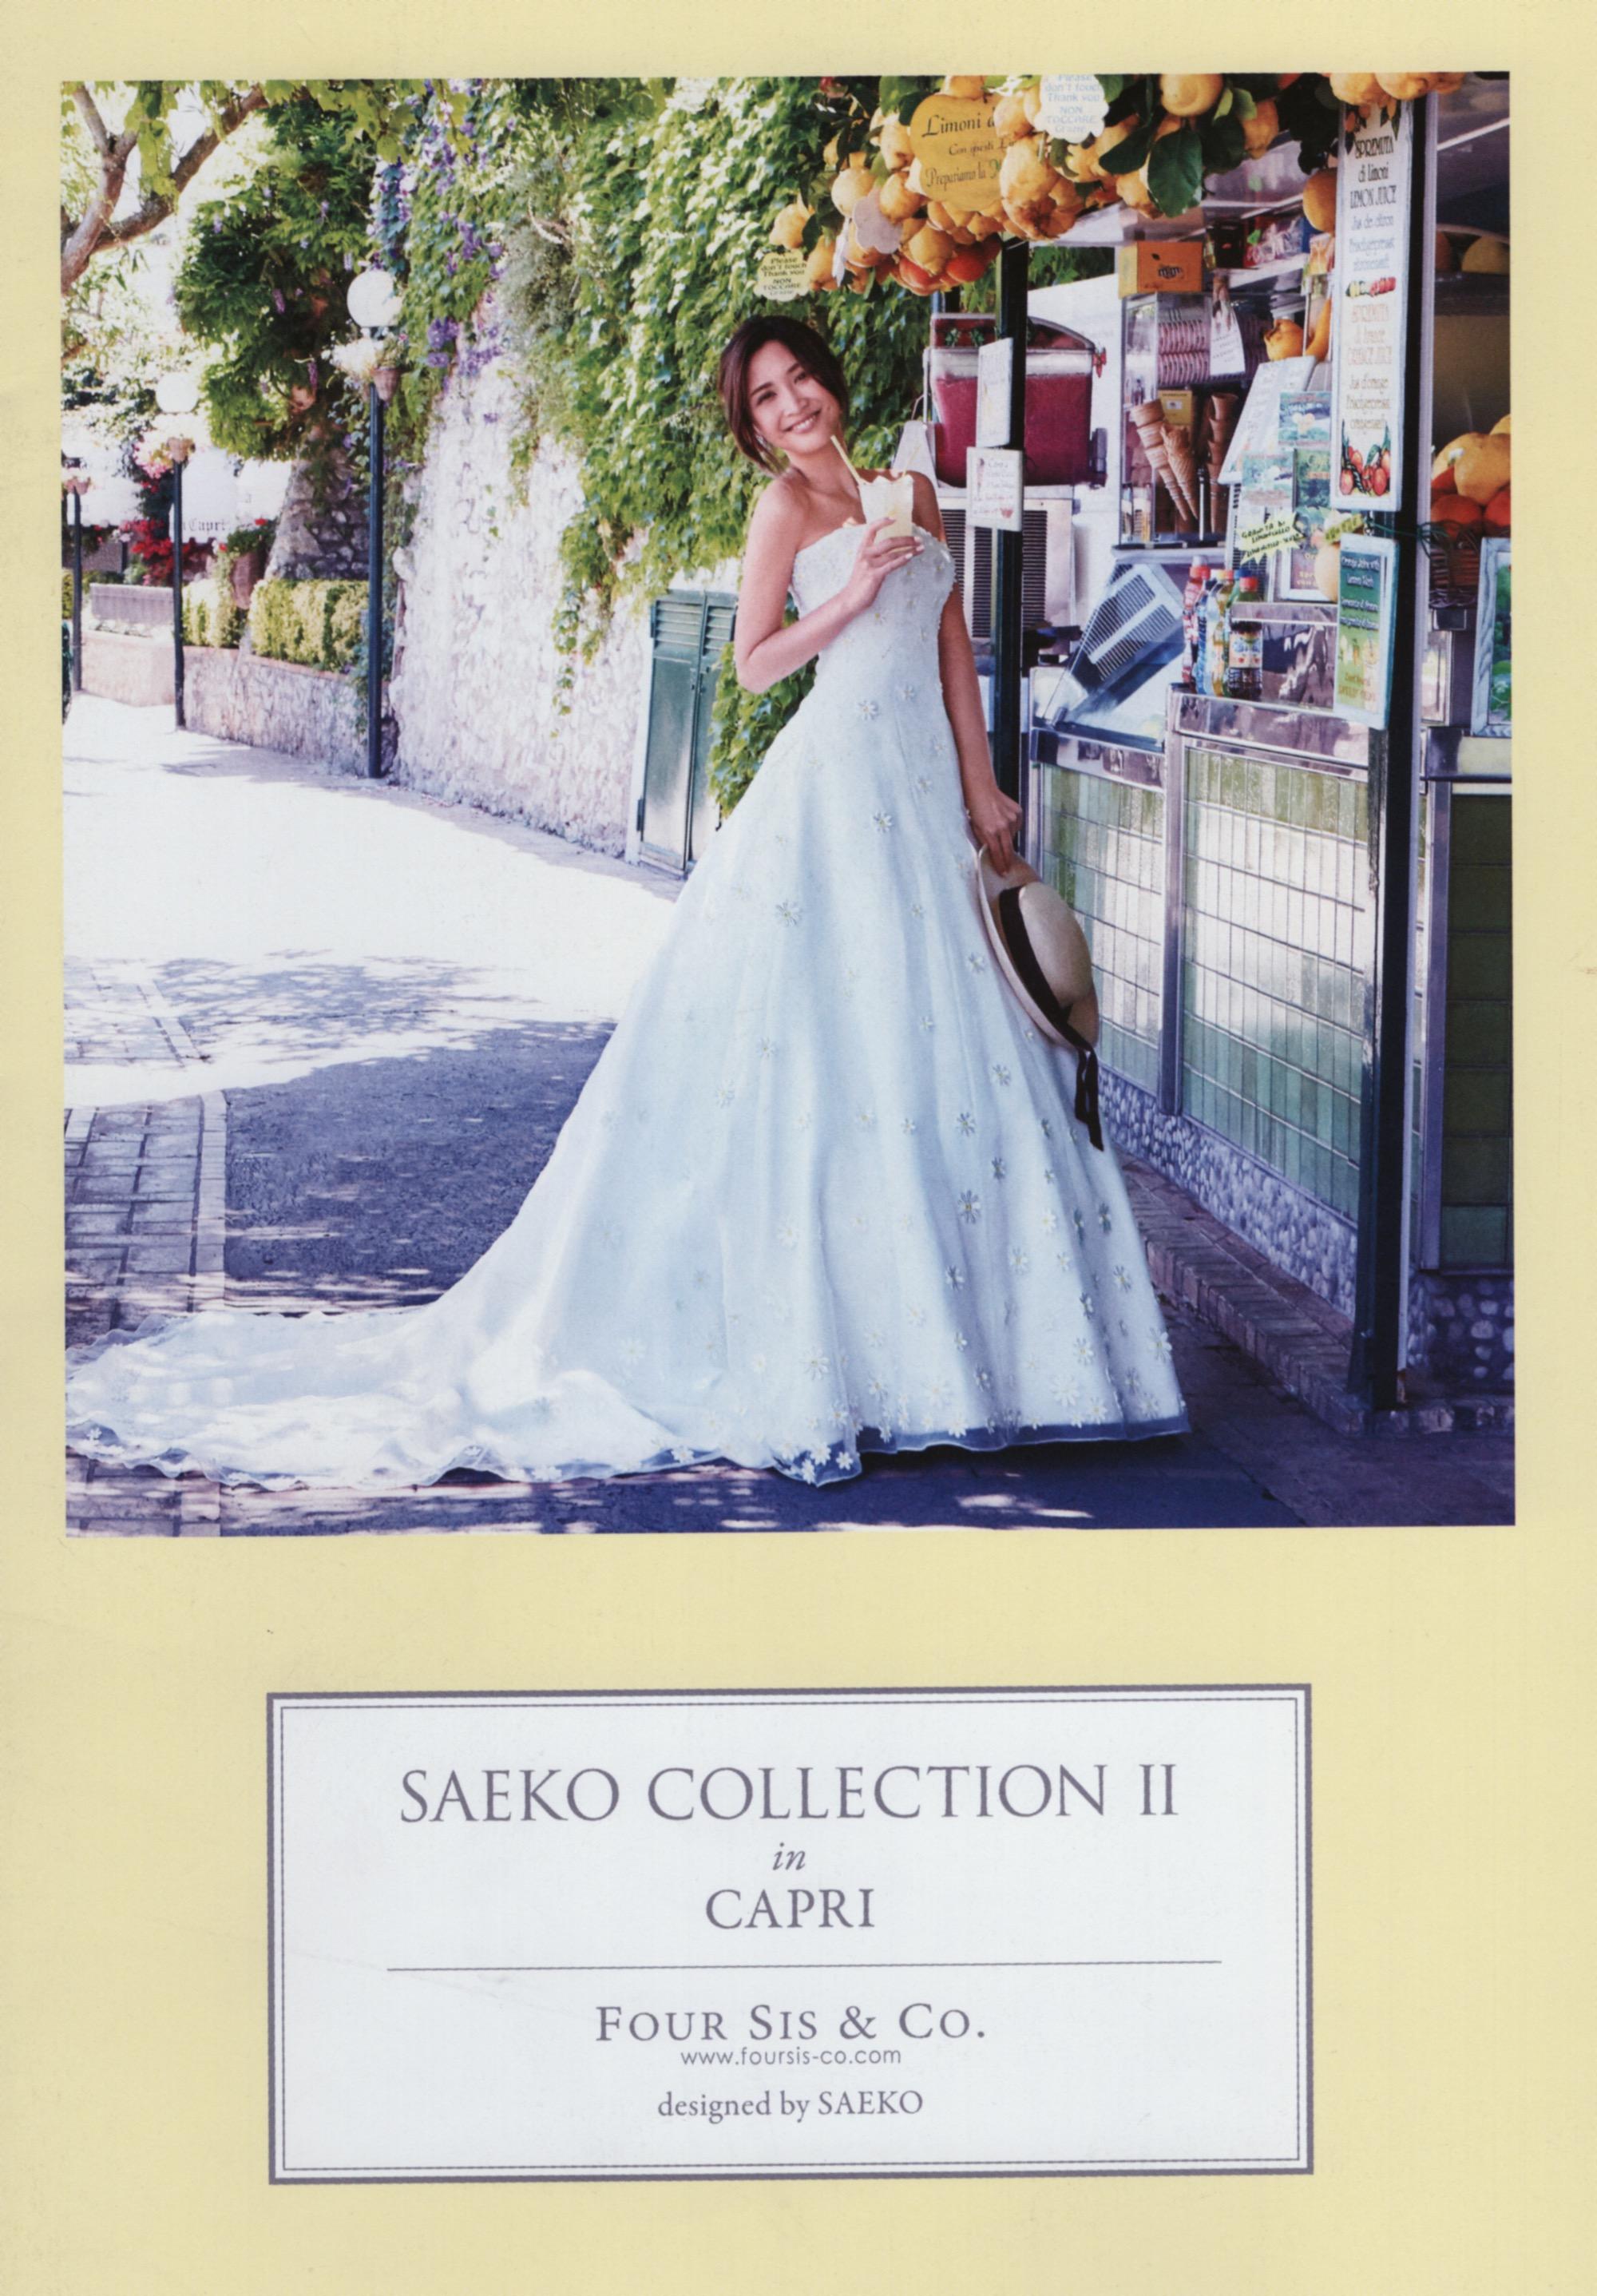 SAEKO COLLECTION2 Four sis & Co.